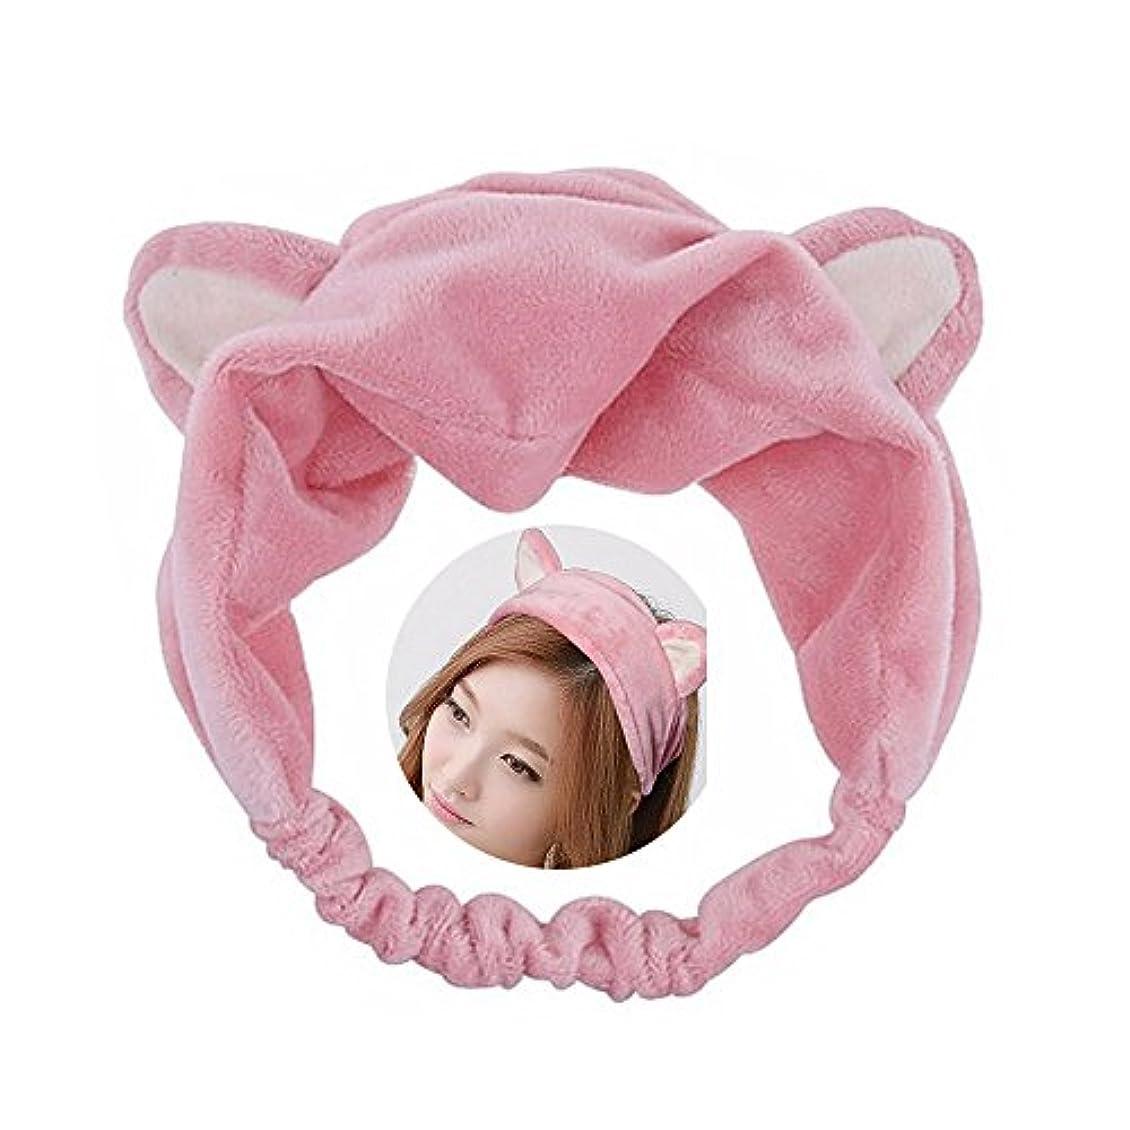 農夫鉛筆アデレード可愛い 猫 耳 ヘアバンド メイク アップ フェイス マスク スポーツ カチューシャ 髪型 ピンク